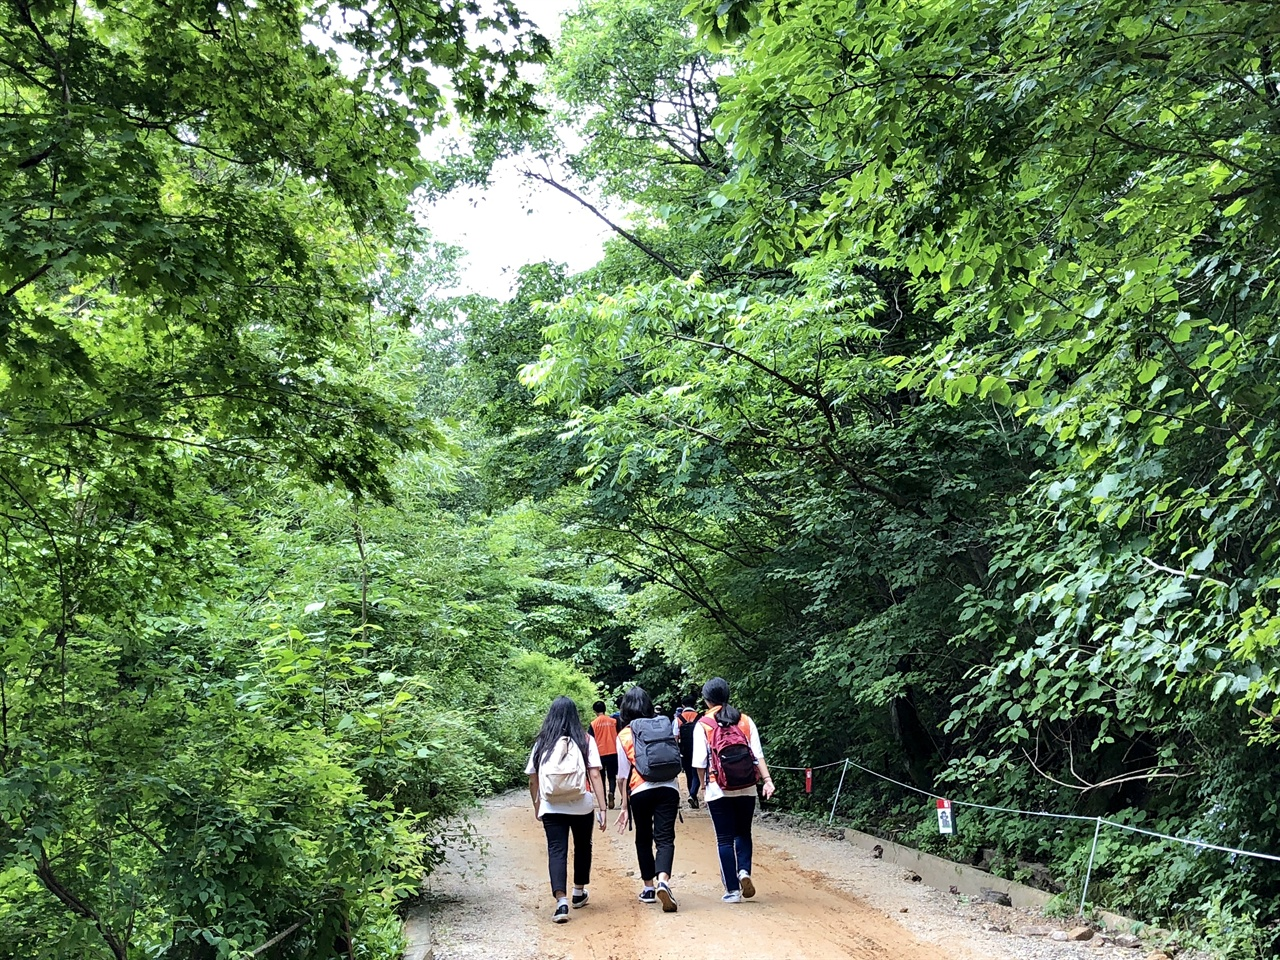 노고단 탐방로 탐방객들이 초록의 노고단 탐방로를 걷고 있다.